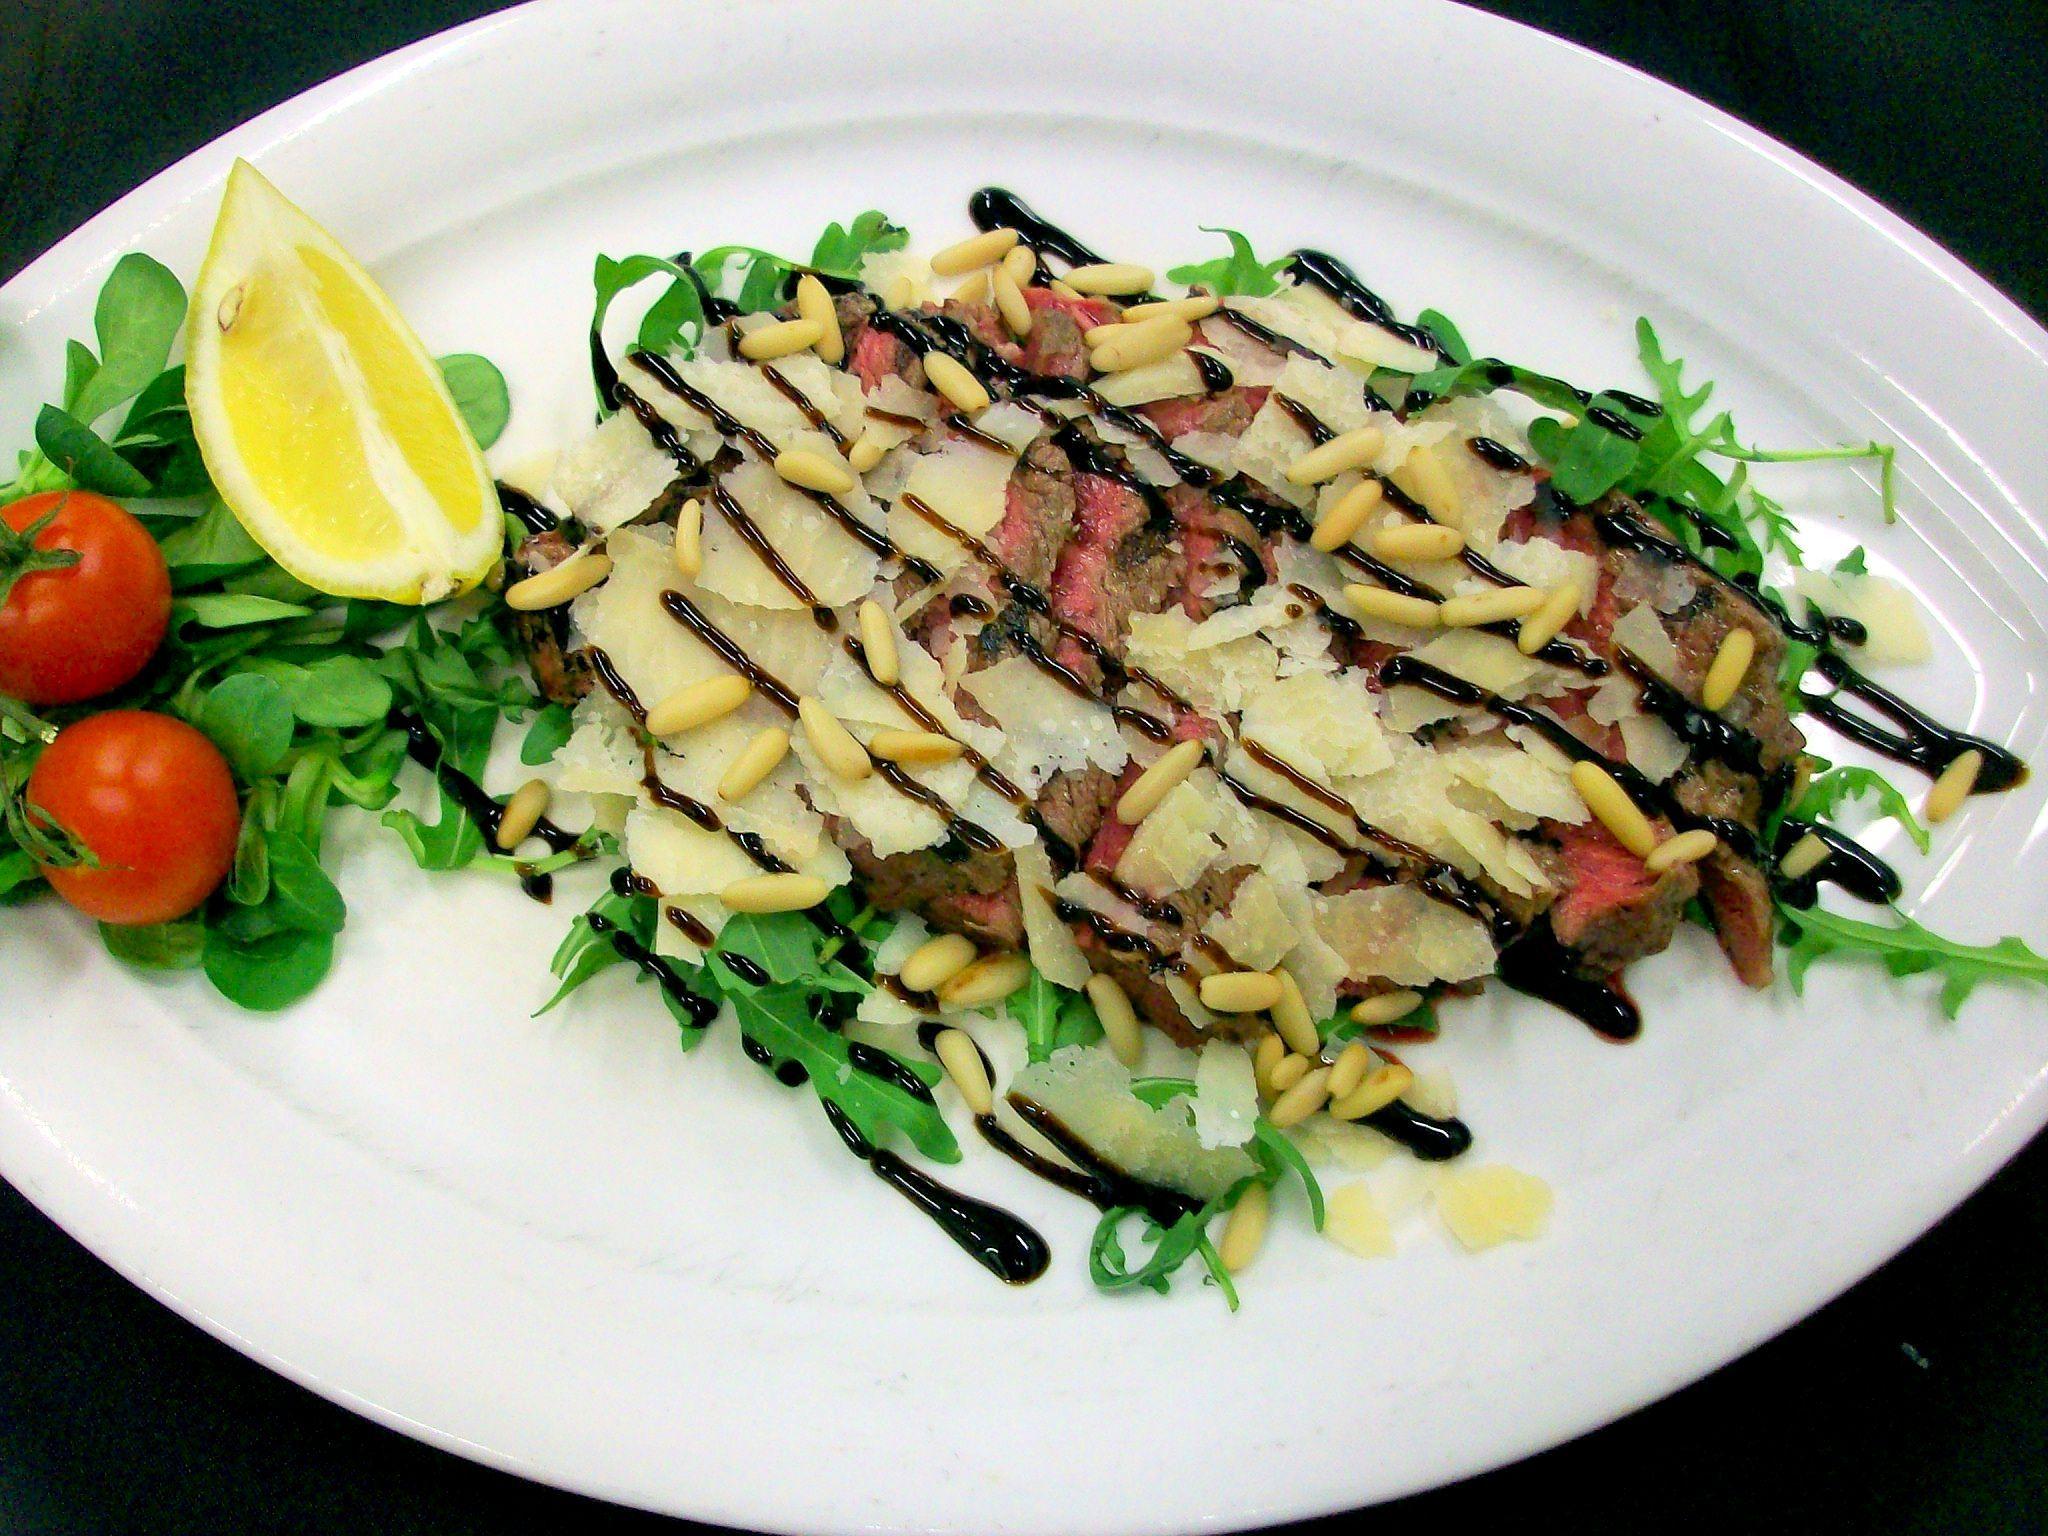 Tagliata con pinoli, rucola e Grana Padano - Steak with pine nuts, rocket and Grana Padano - Steak Restaurant